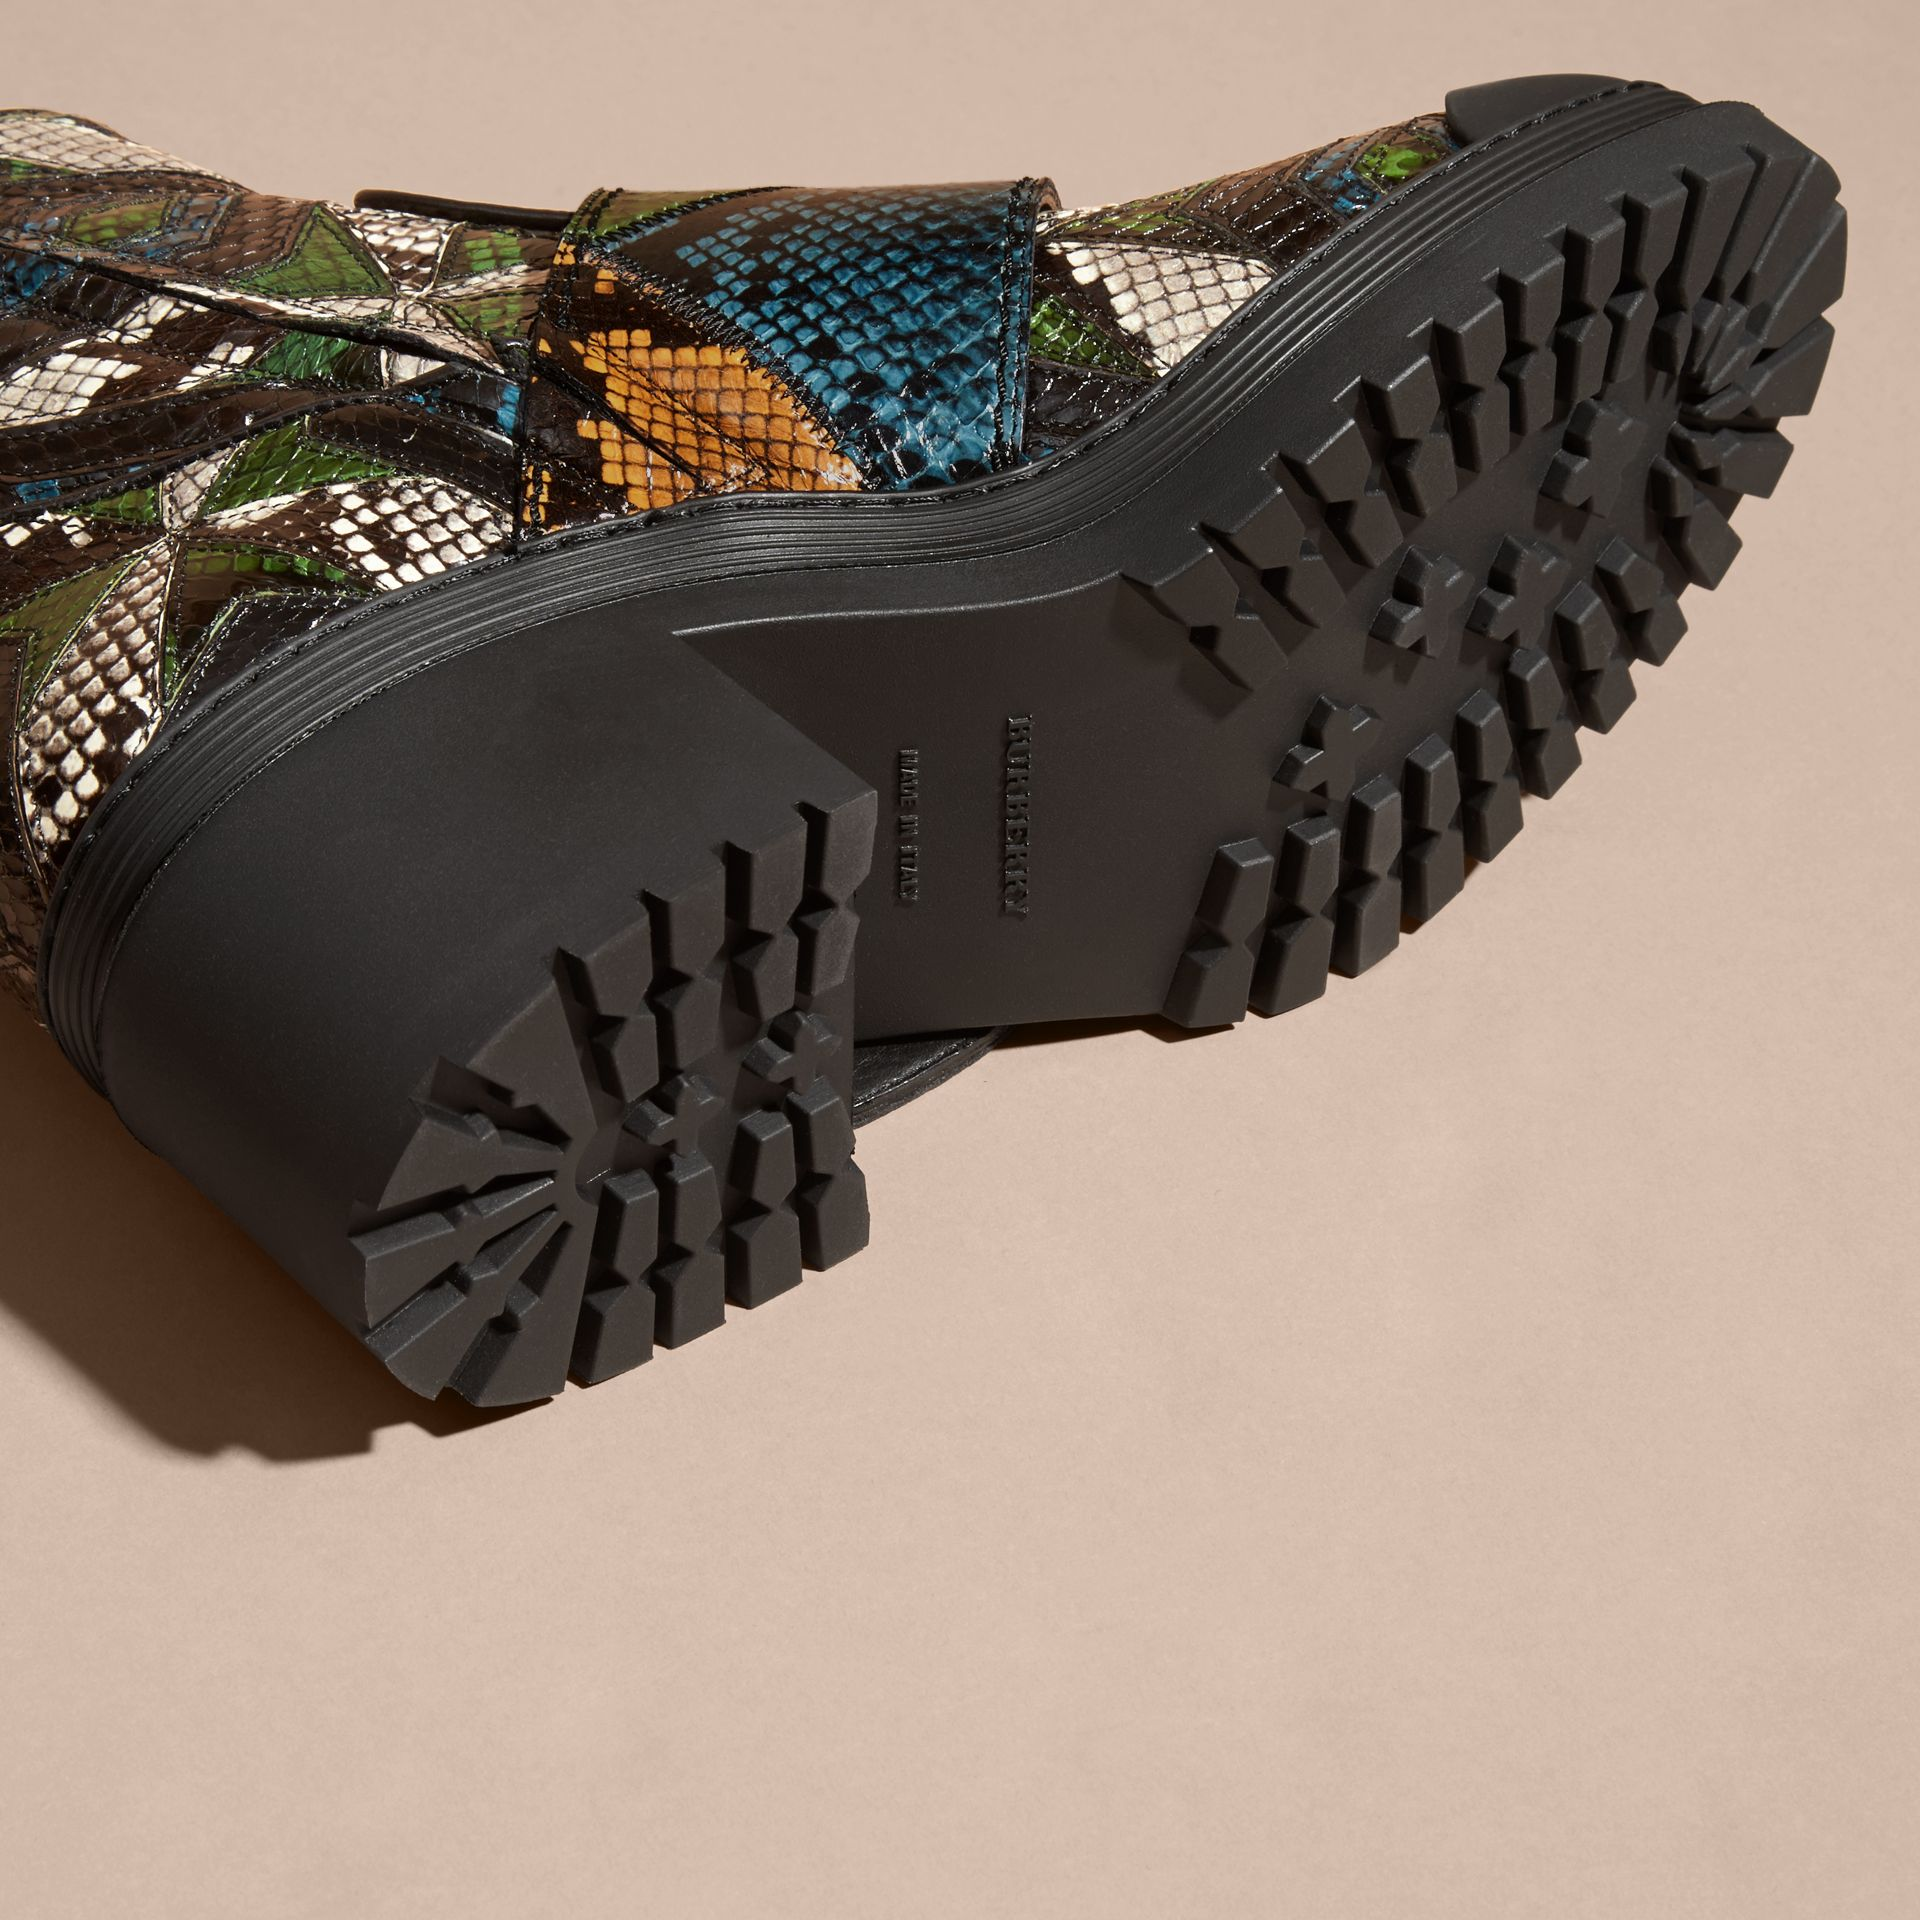 Nero/blu minerale Stivali The Buckle in pelle di serpente - immagine della galleria 5